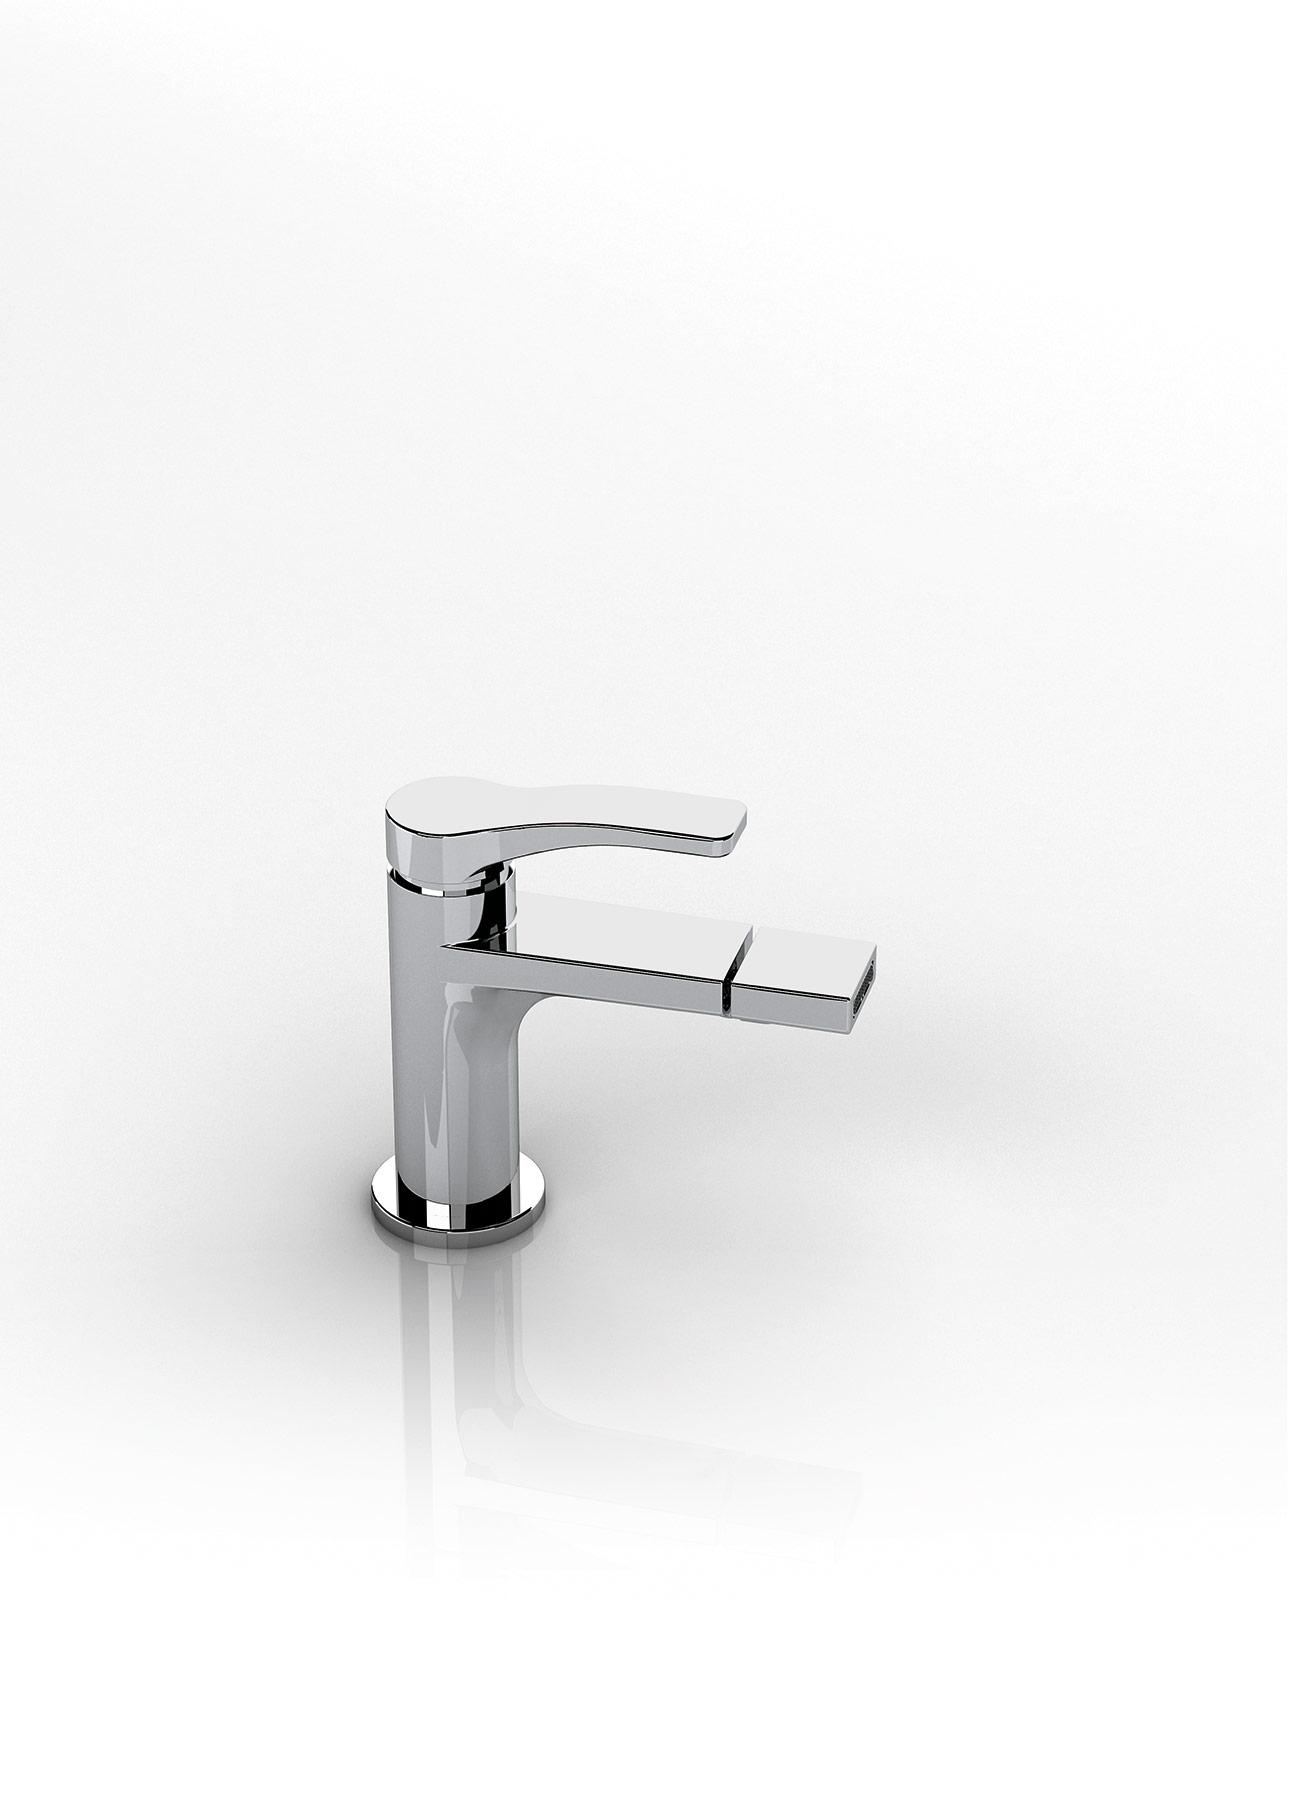 Transitional Lissoni Deck Mount Bidet Faucet